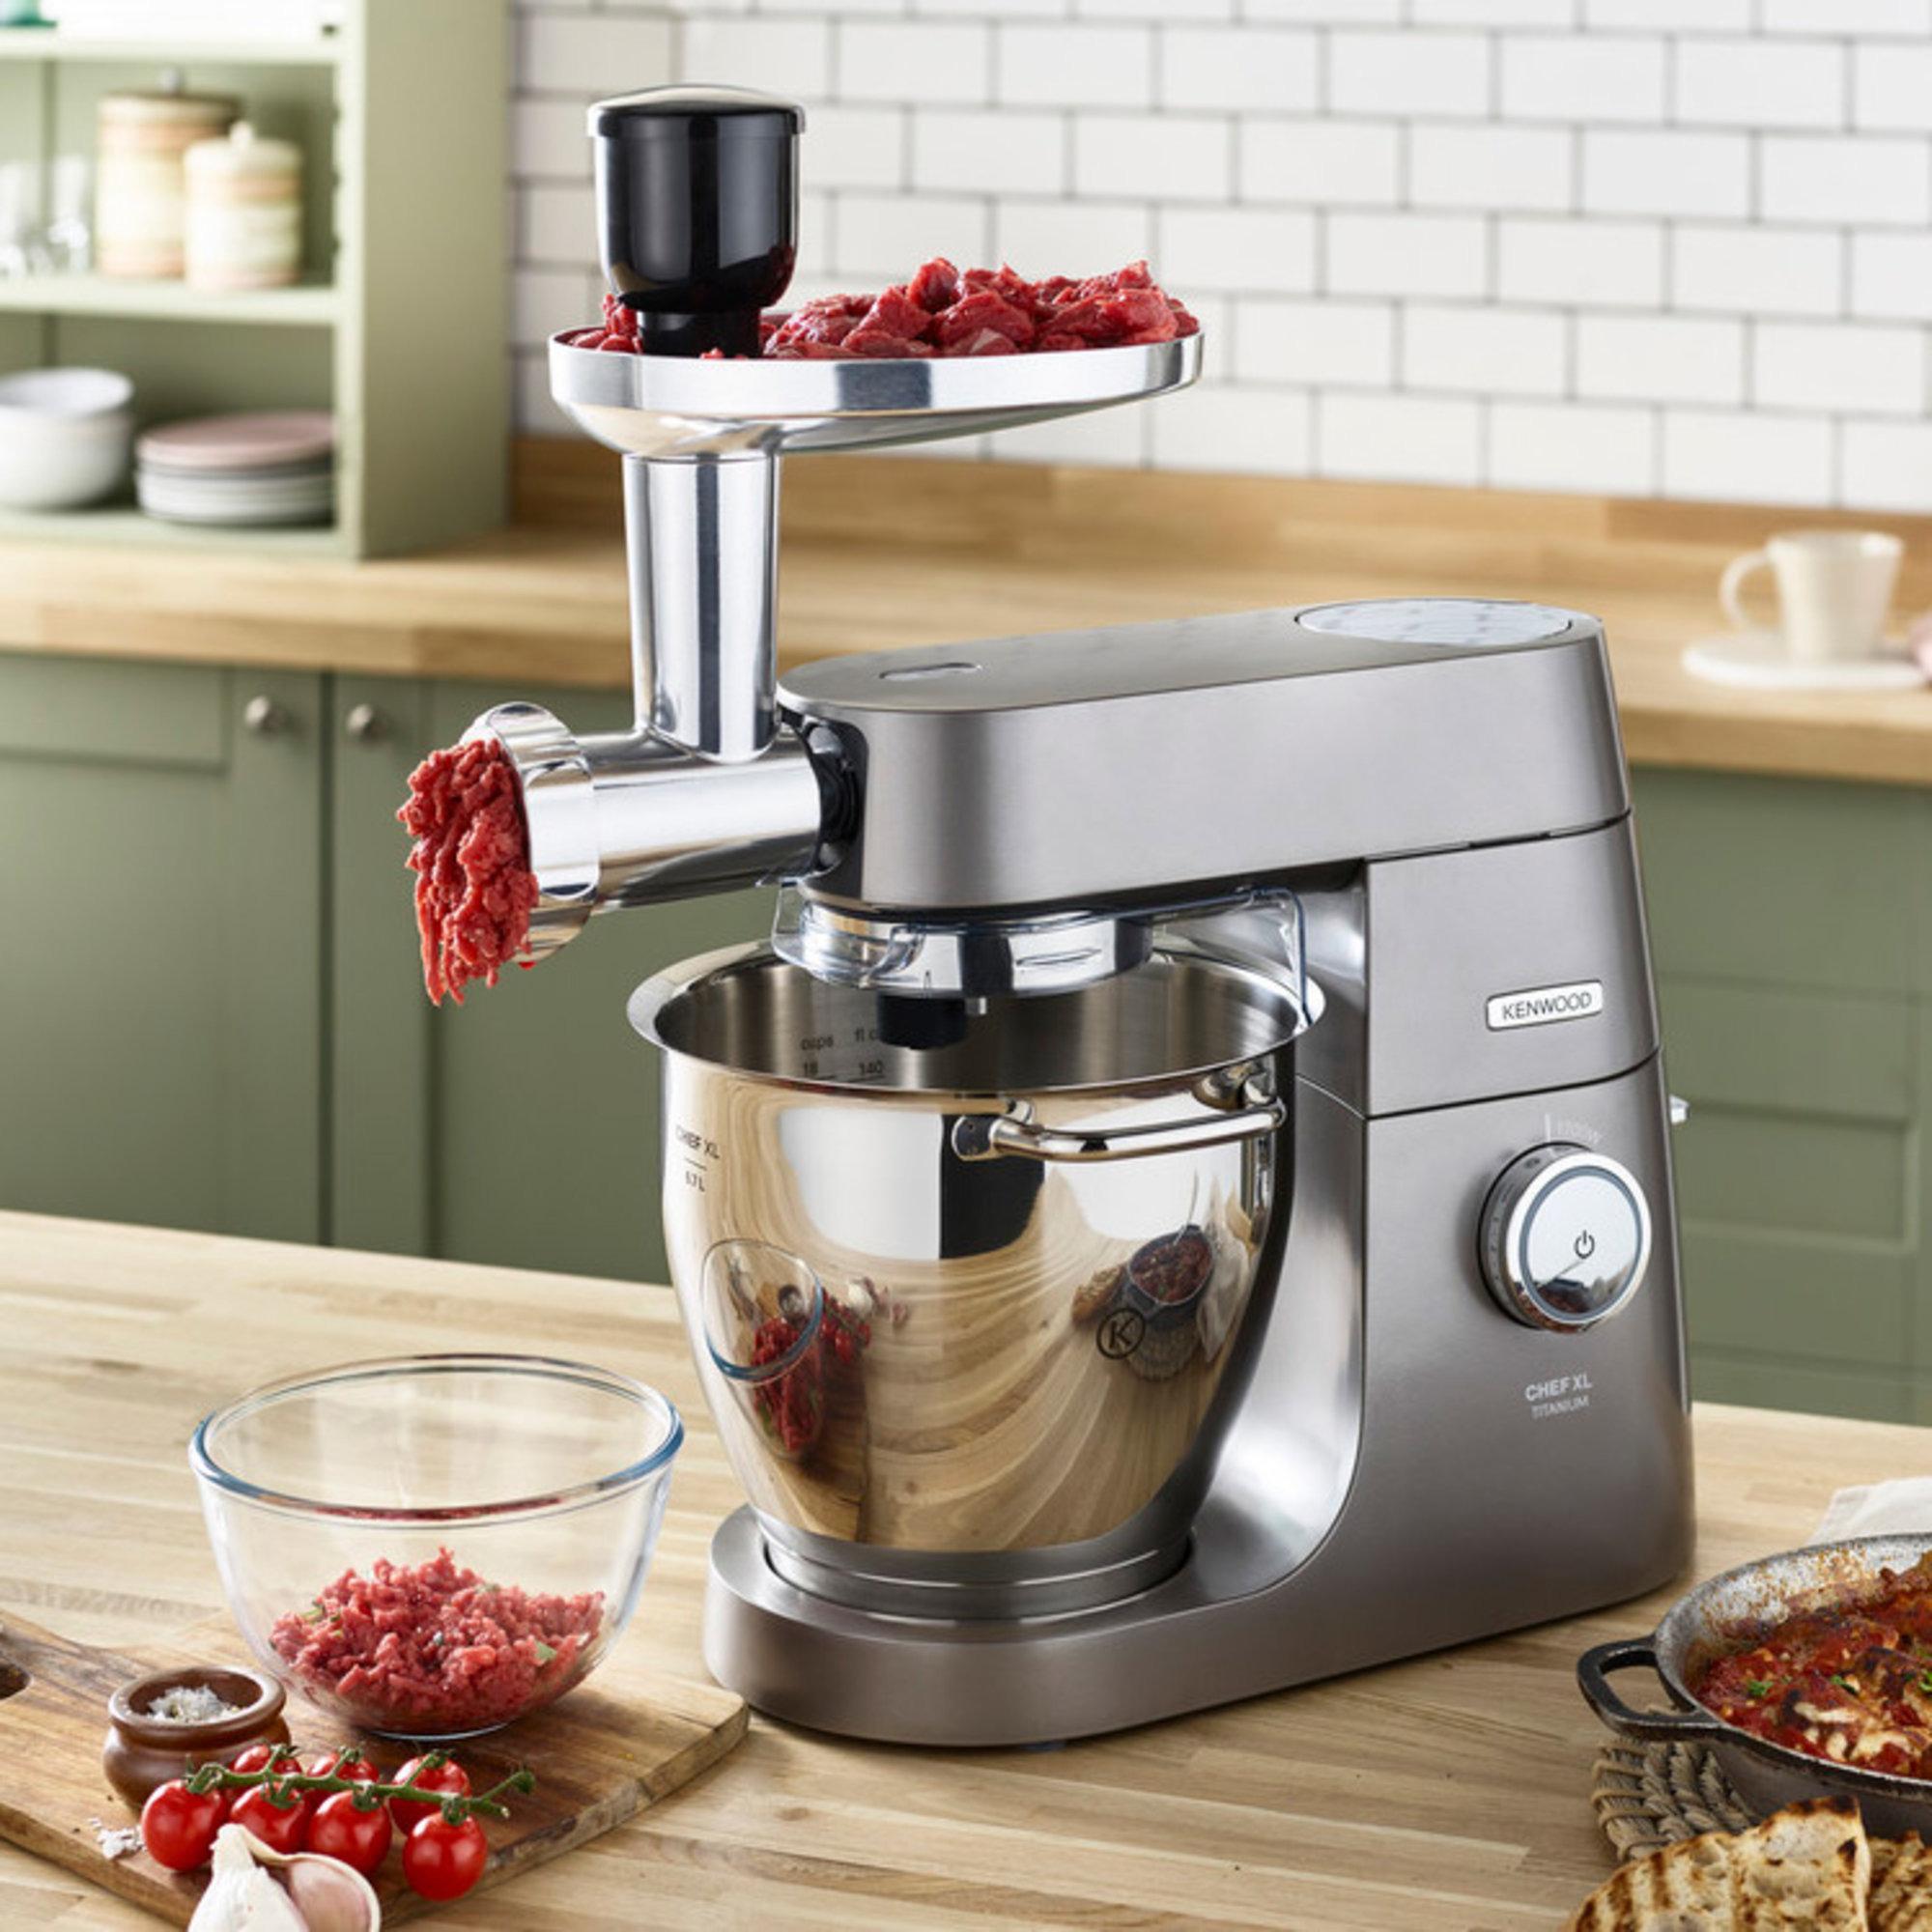 Køb KVL8470S Chef Titanium XL køkkenmaskine fra Kenwood